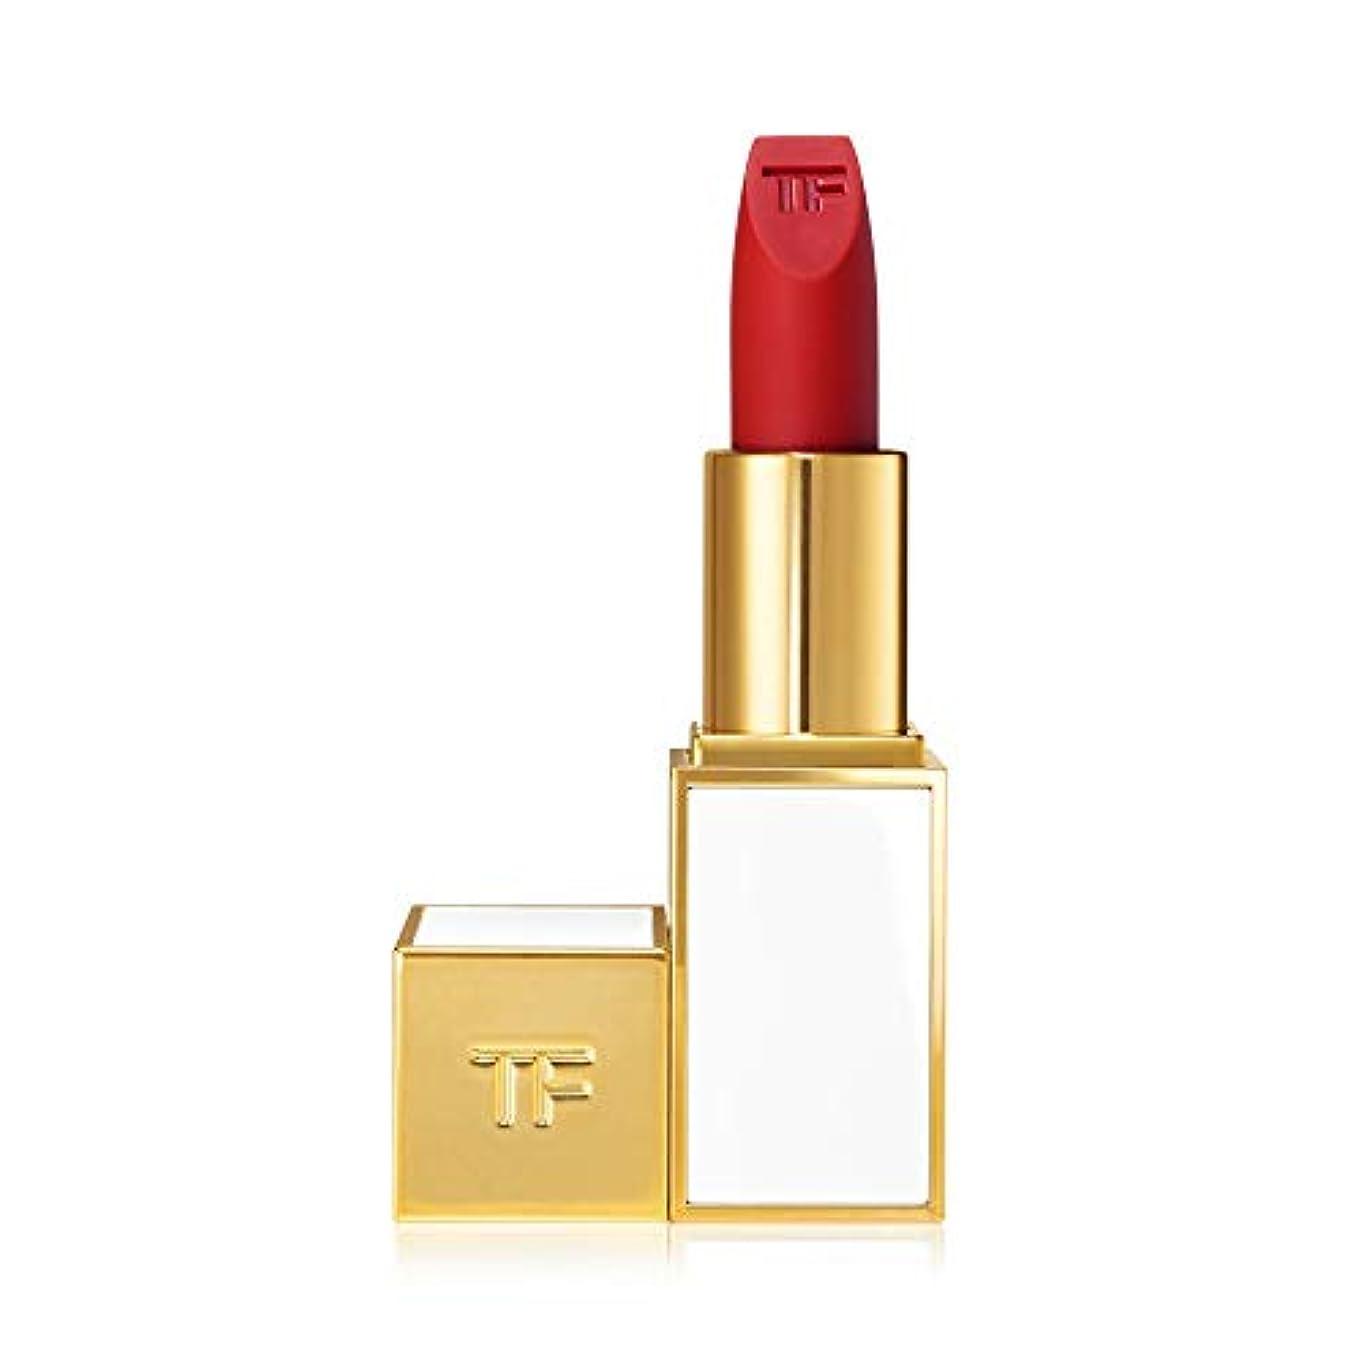 余計な弱い結論トム フォード Lip Color Sheer - # 08 Bambou 3g/0.1oz並行輸入品